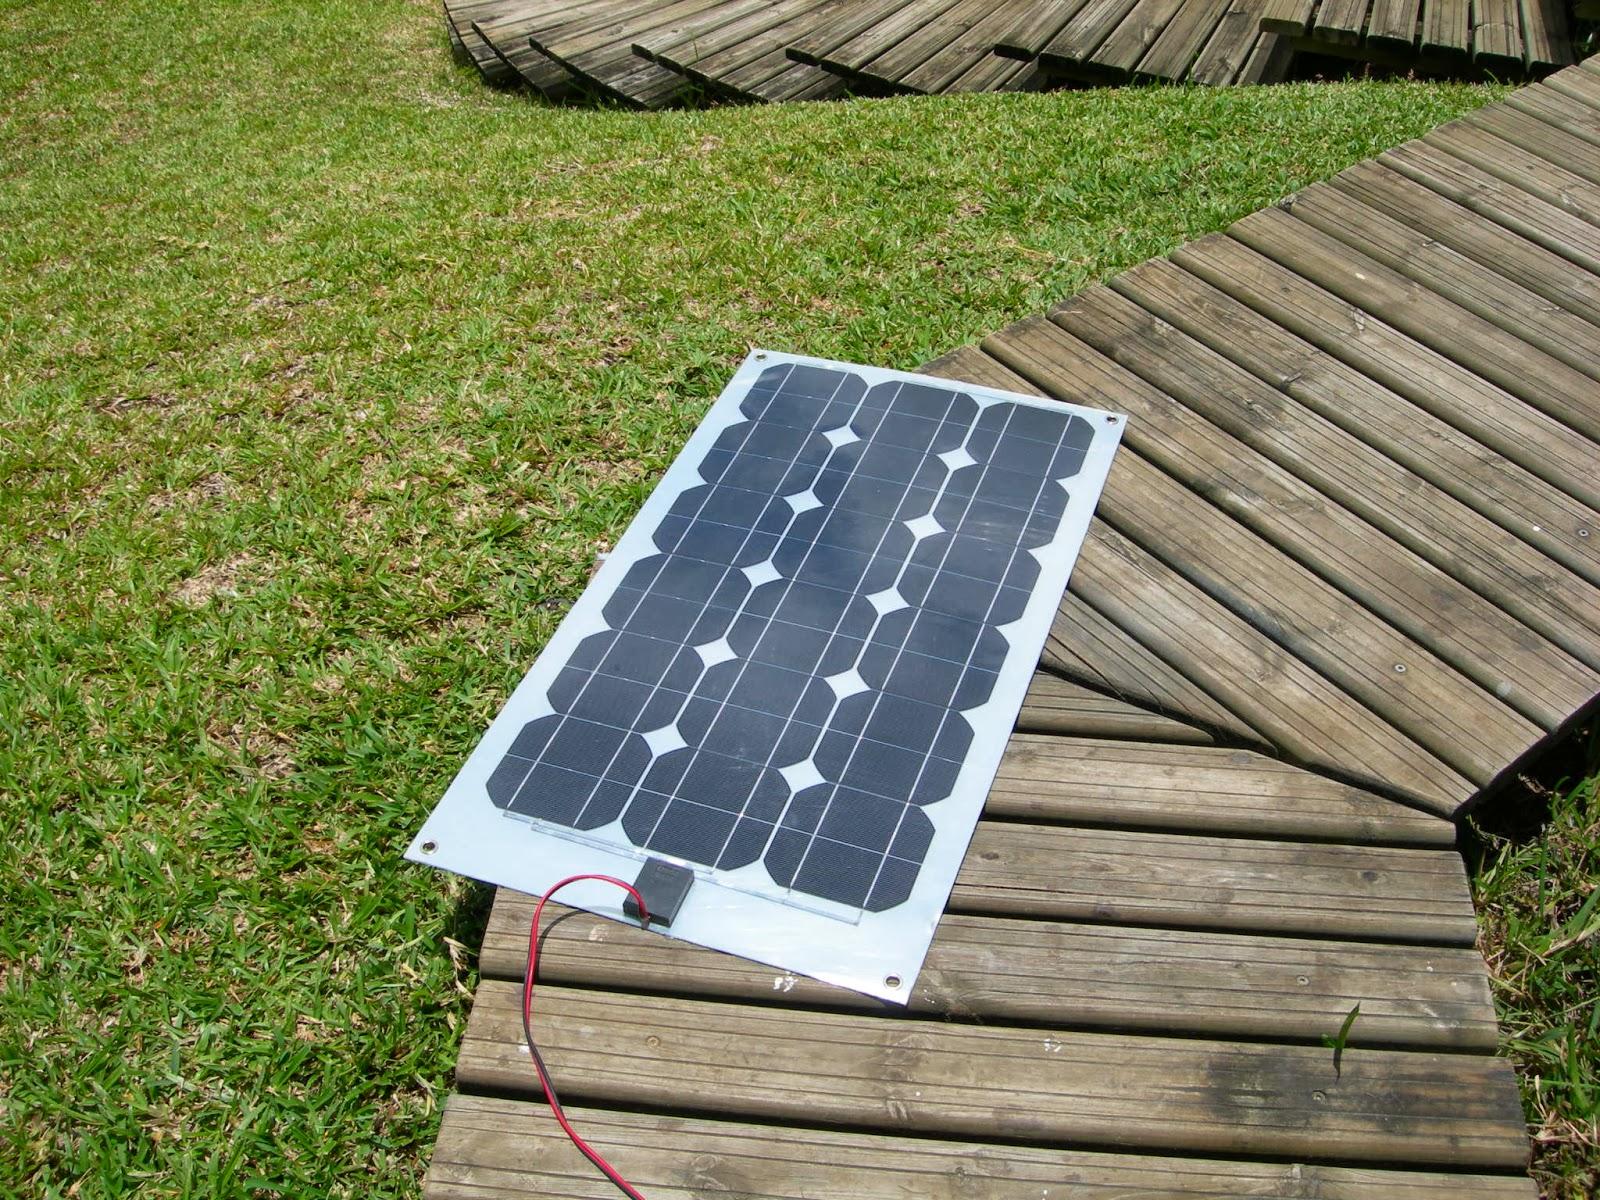 panneau solaire rendement panneau solaire souple 100w 12v tr s haut rendement panneau solaire. Black Bedroom Furniture Sets. Home Design Ideas